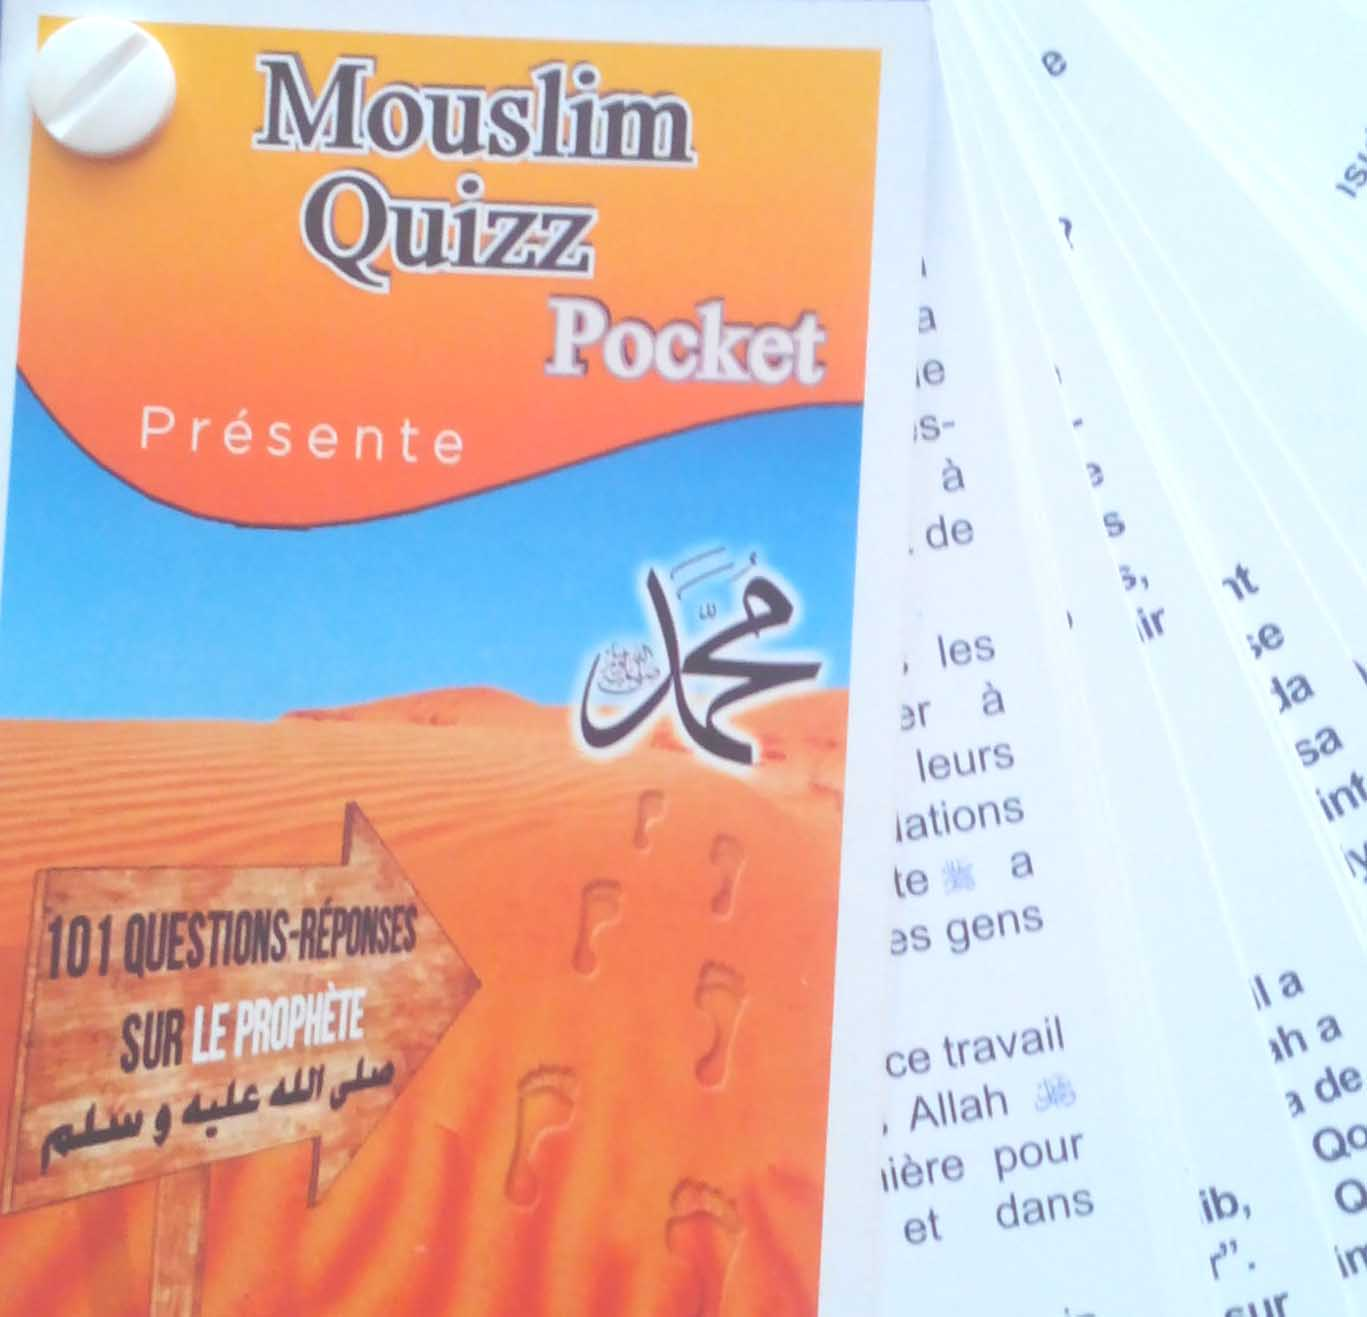 Mouslim Quizz : l'Islam en s'amusant